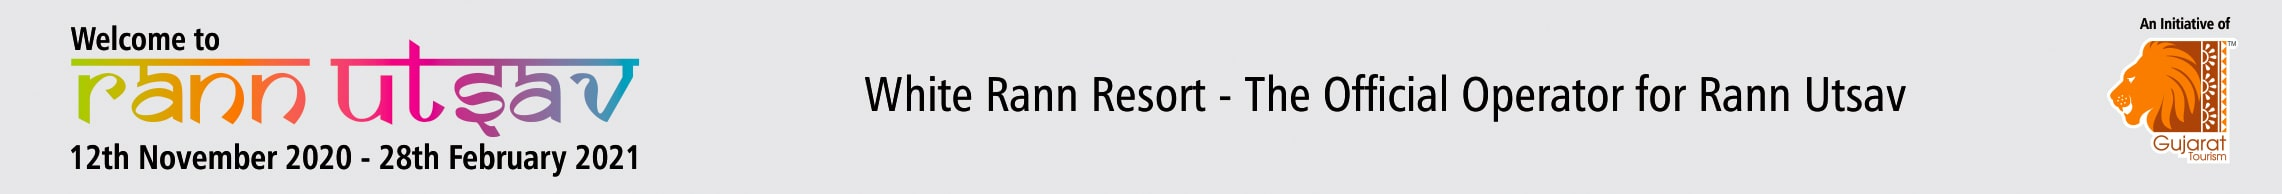 Rann Utsav, Kutch Rann Utsav 2020-2021 | Rann Utsav, Kutch Rann Utsav 2020-2021   The Picture-Perfect Rann of Kutch